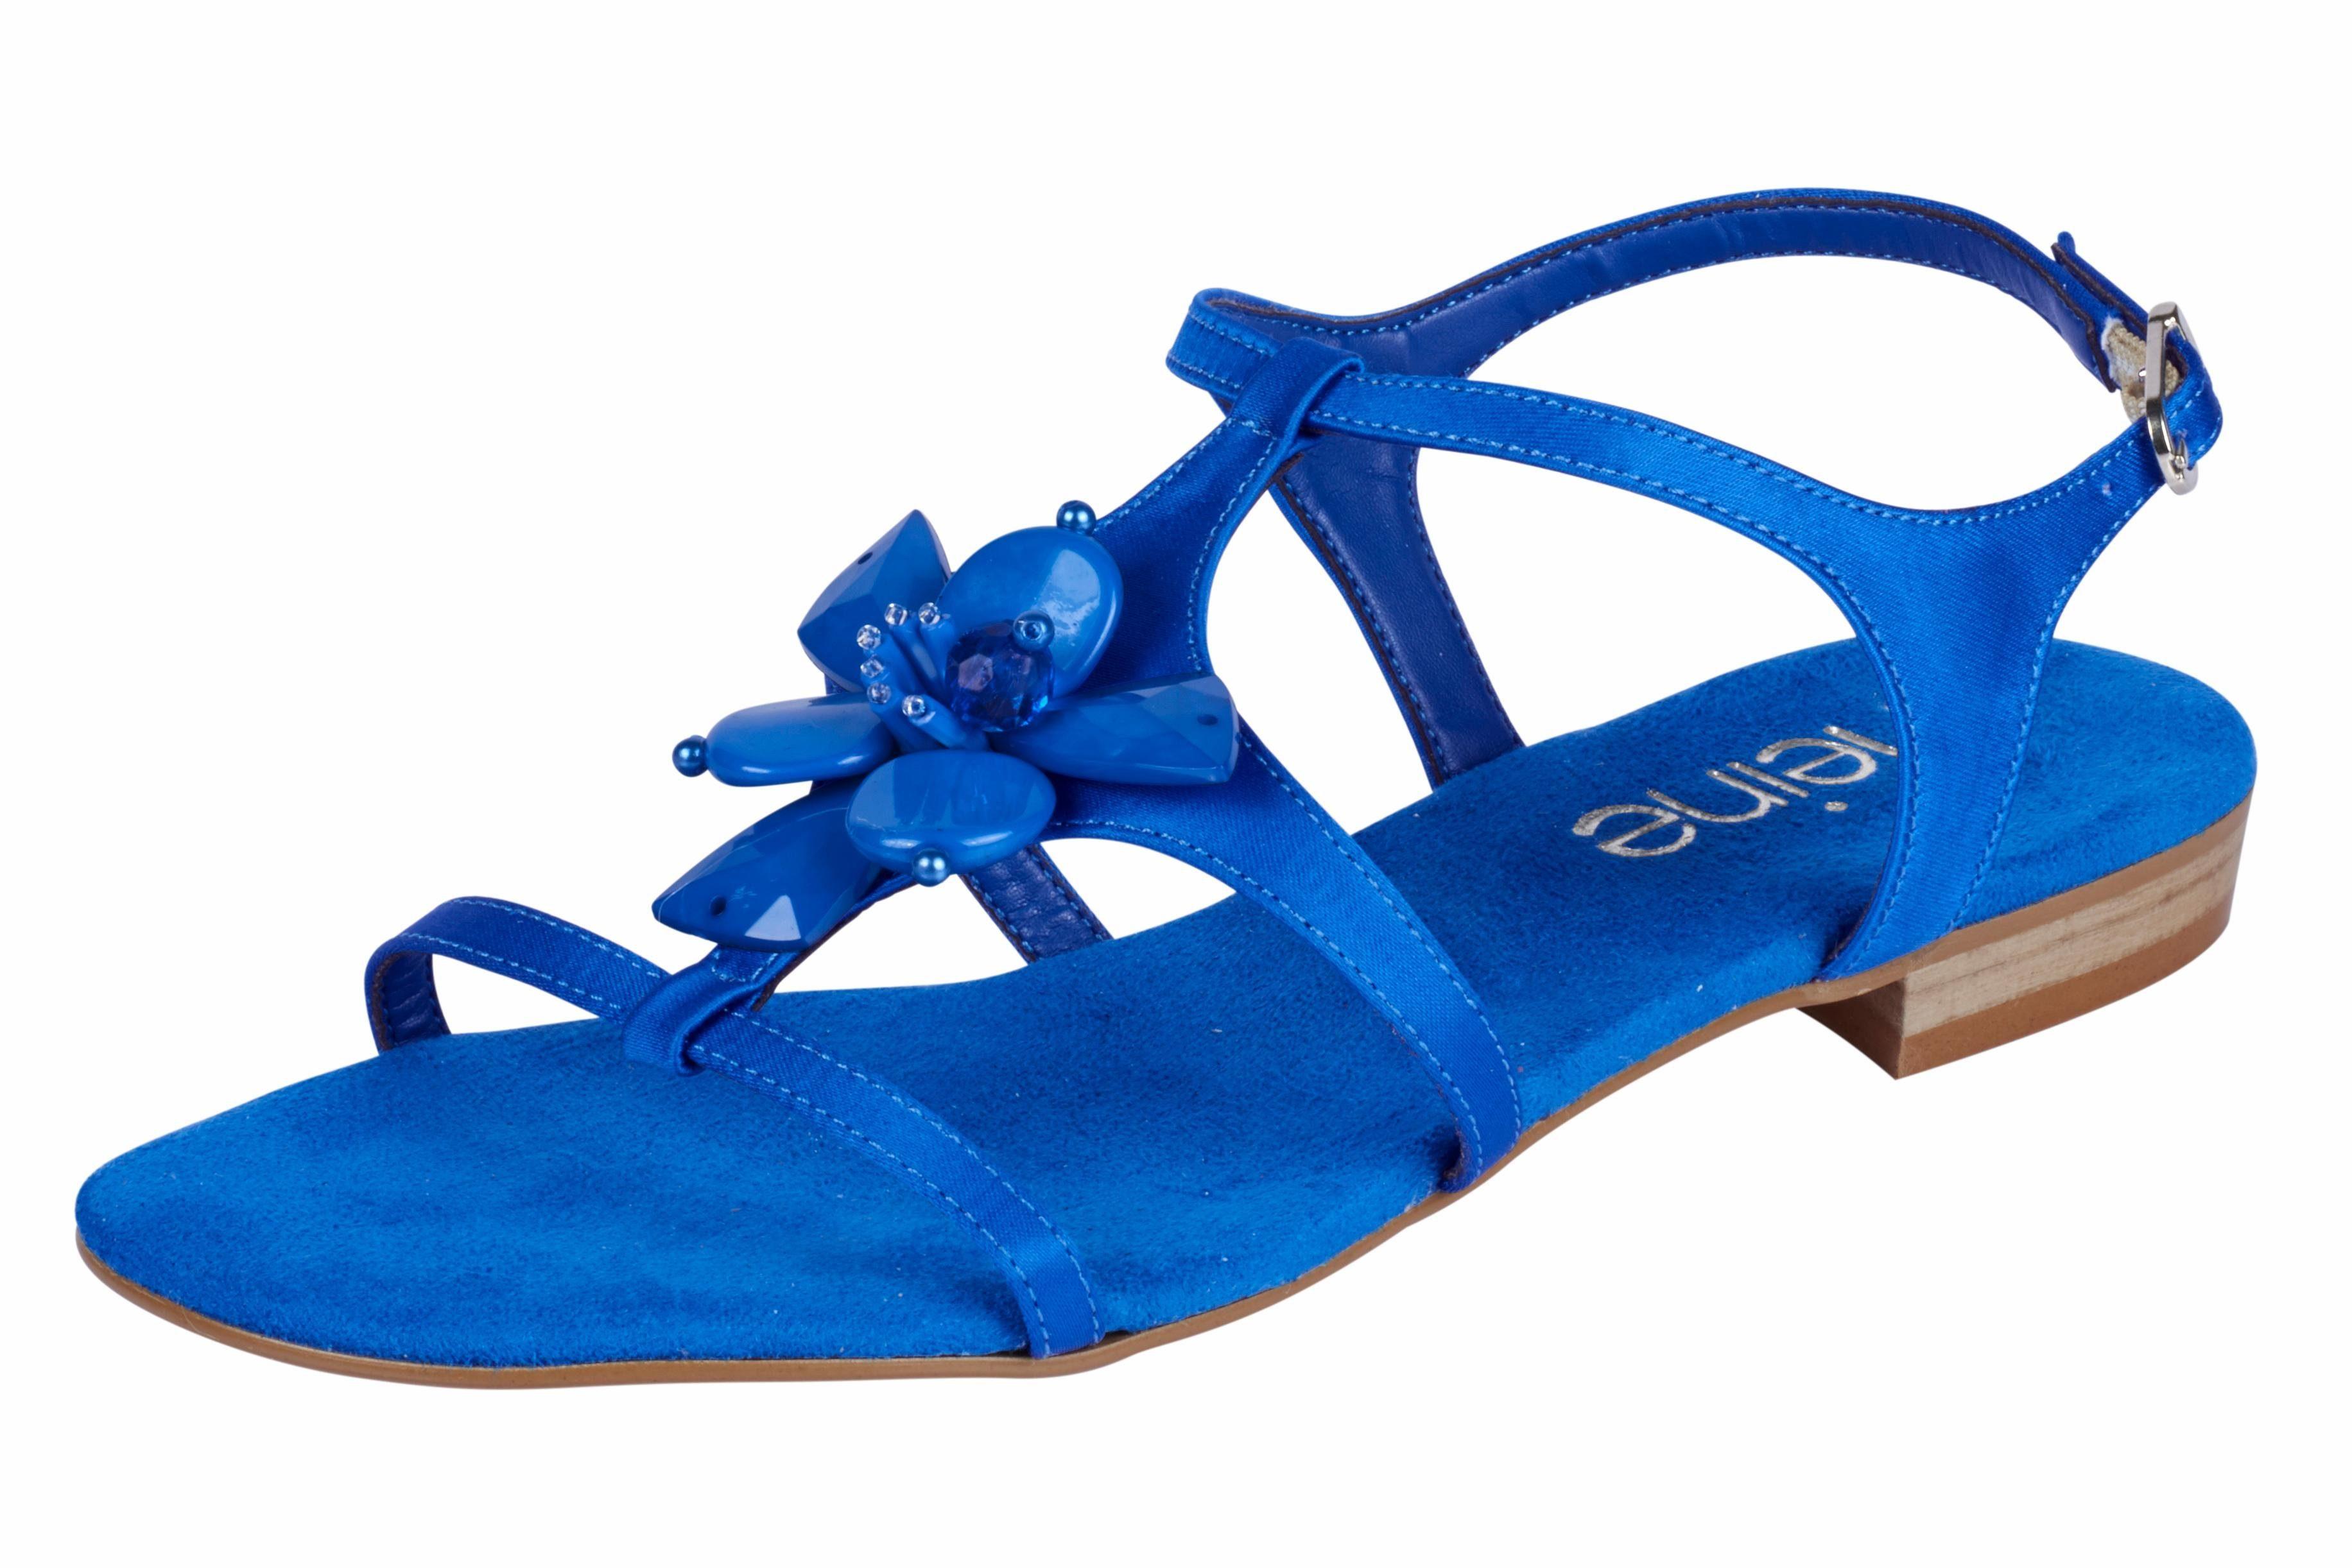 Heine Sandalette mit Blütenapplikation kaufen  blau